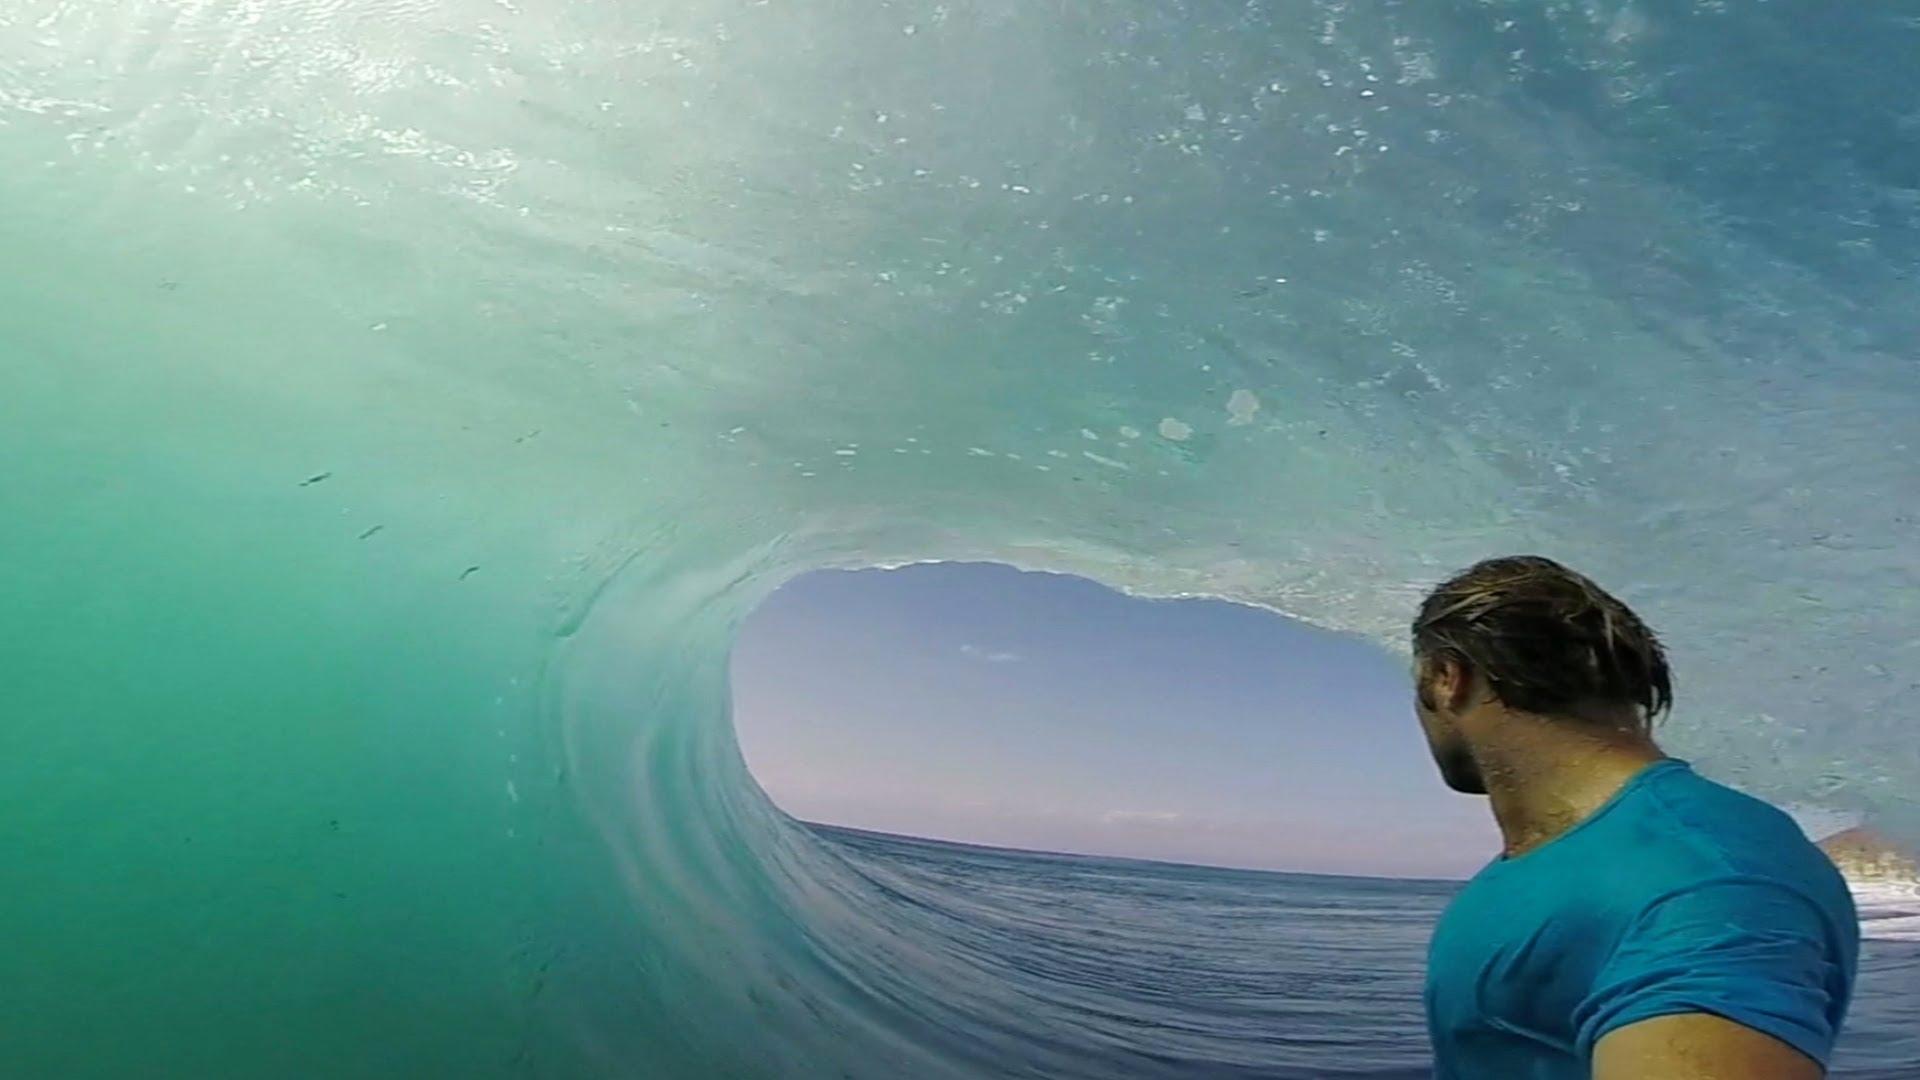 サーファーから見た波の姿が絶景すぎる動画